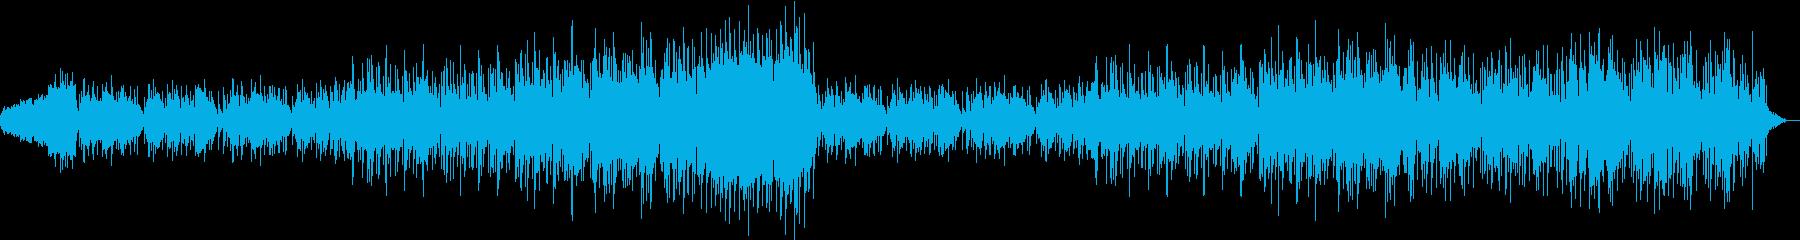 ピアノとストリングスのポップなバラードの再生済みの波形